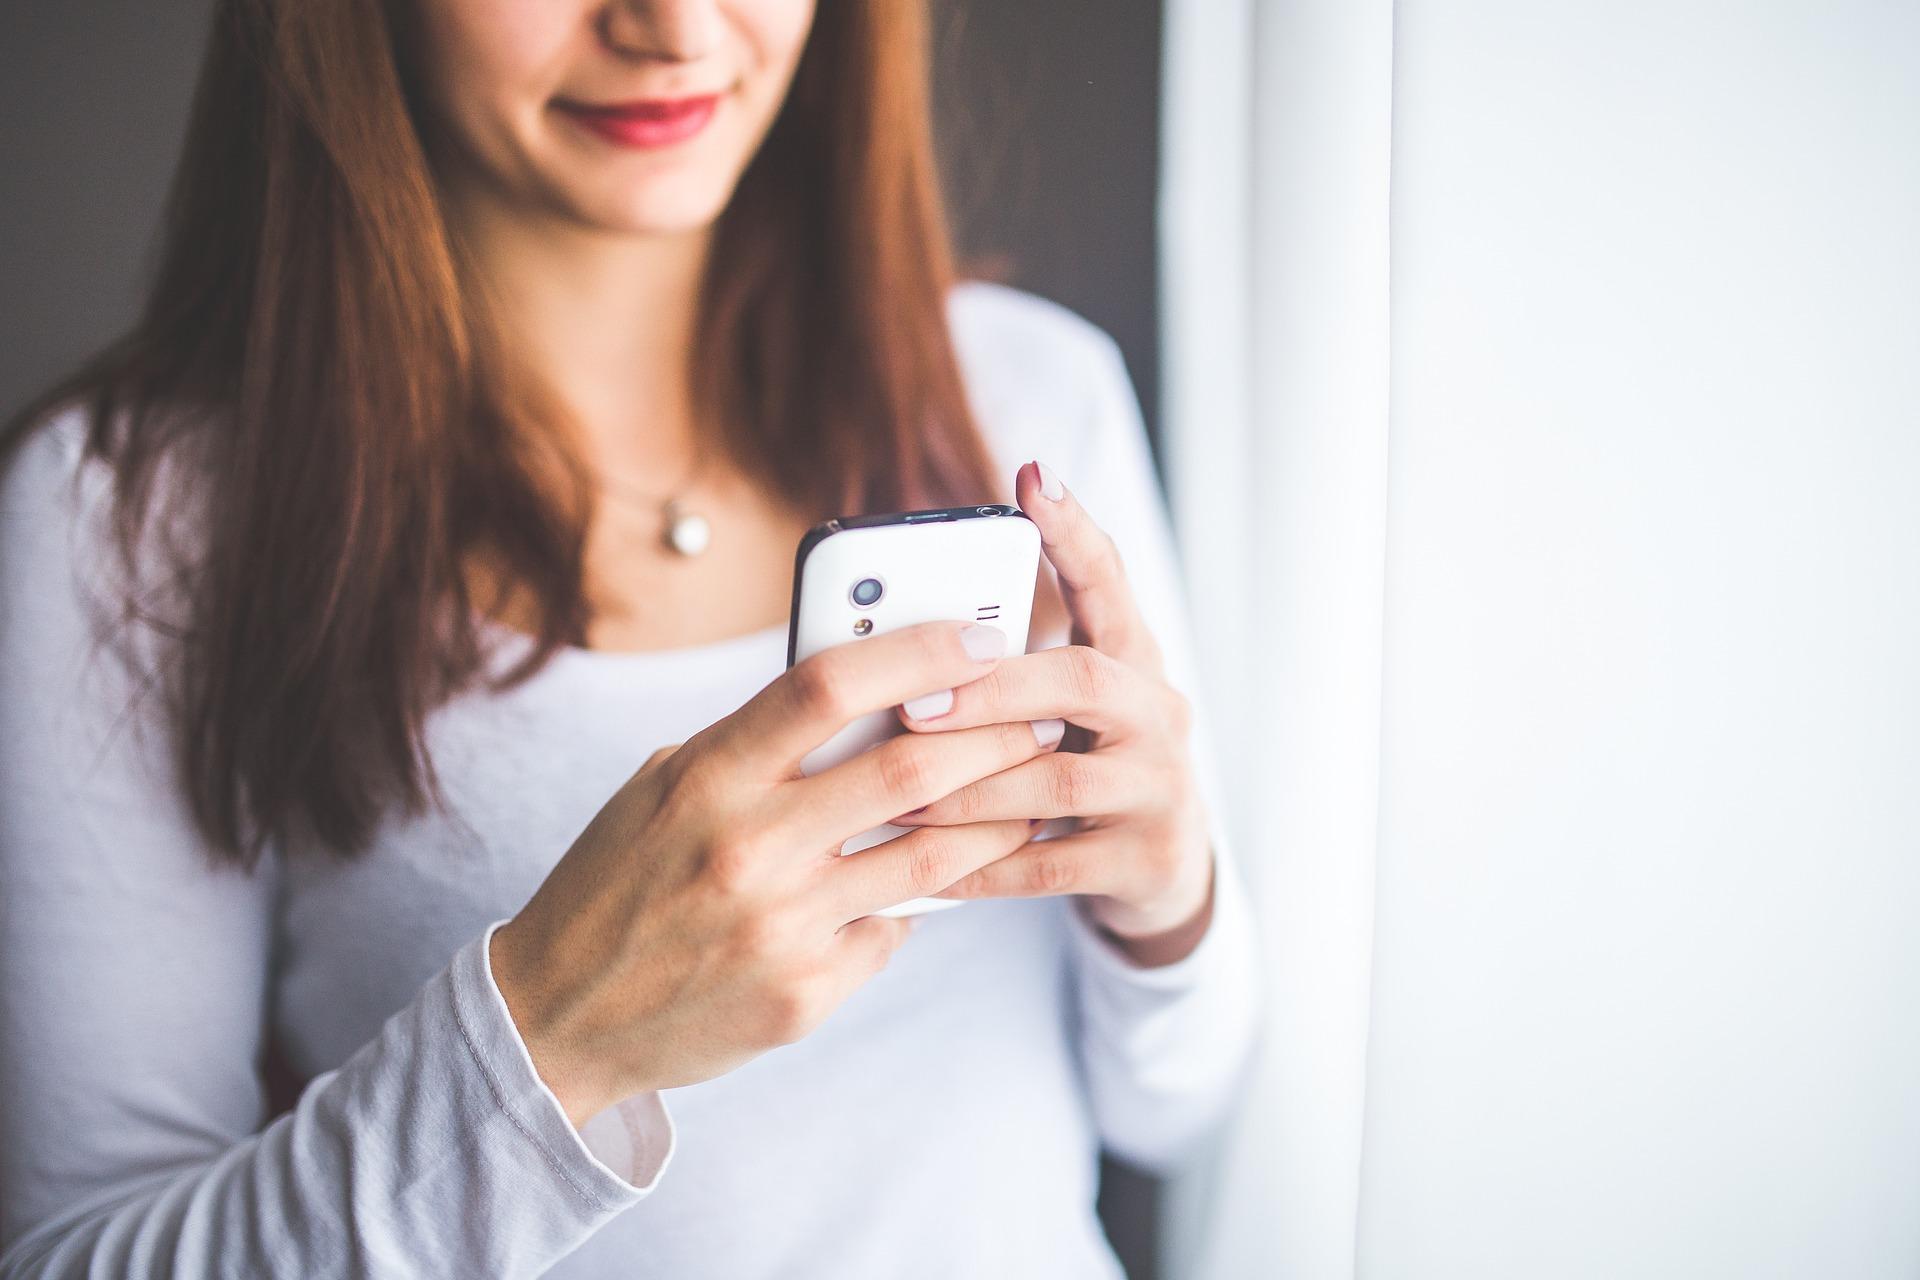 crownpcs-best-mobile-plans